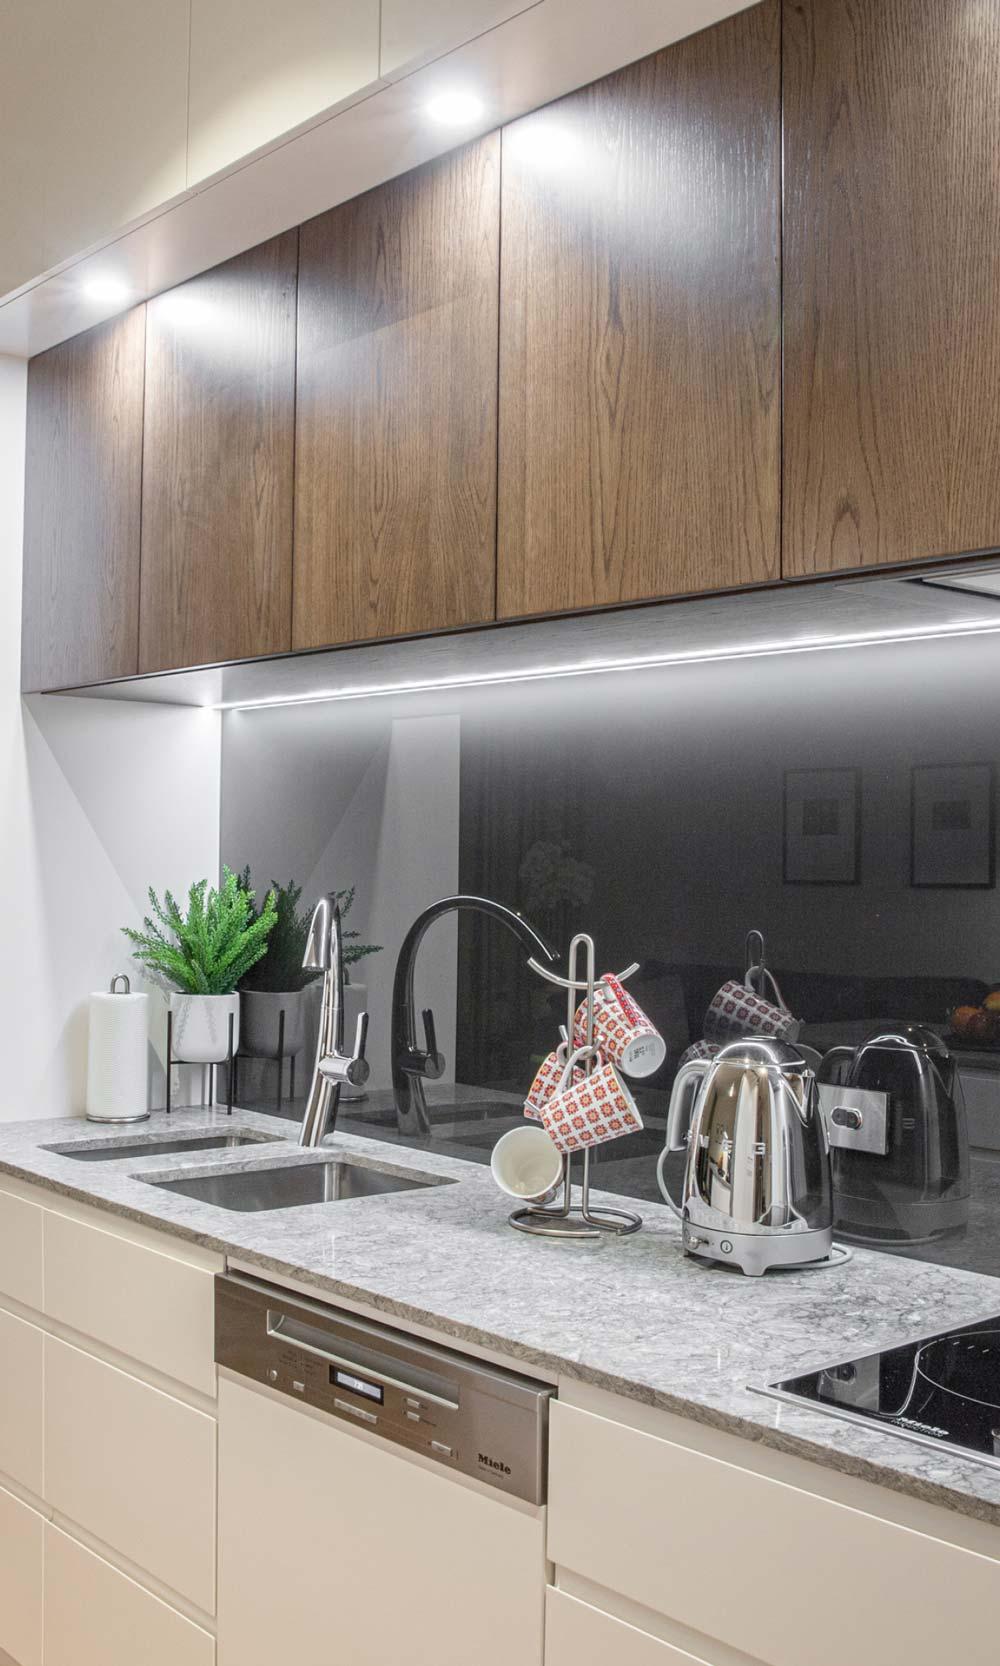 Adelaide Kitchen Renovation after image